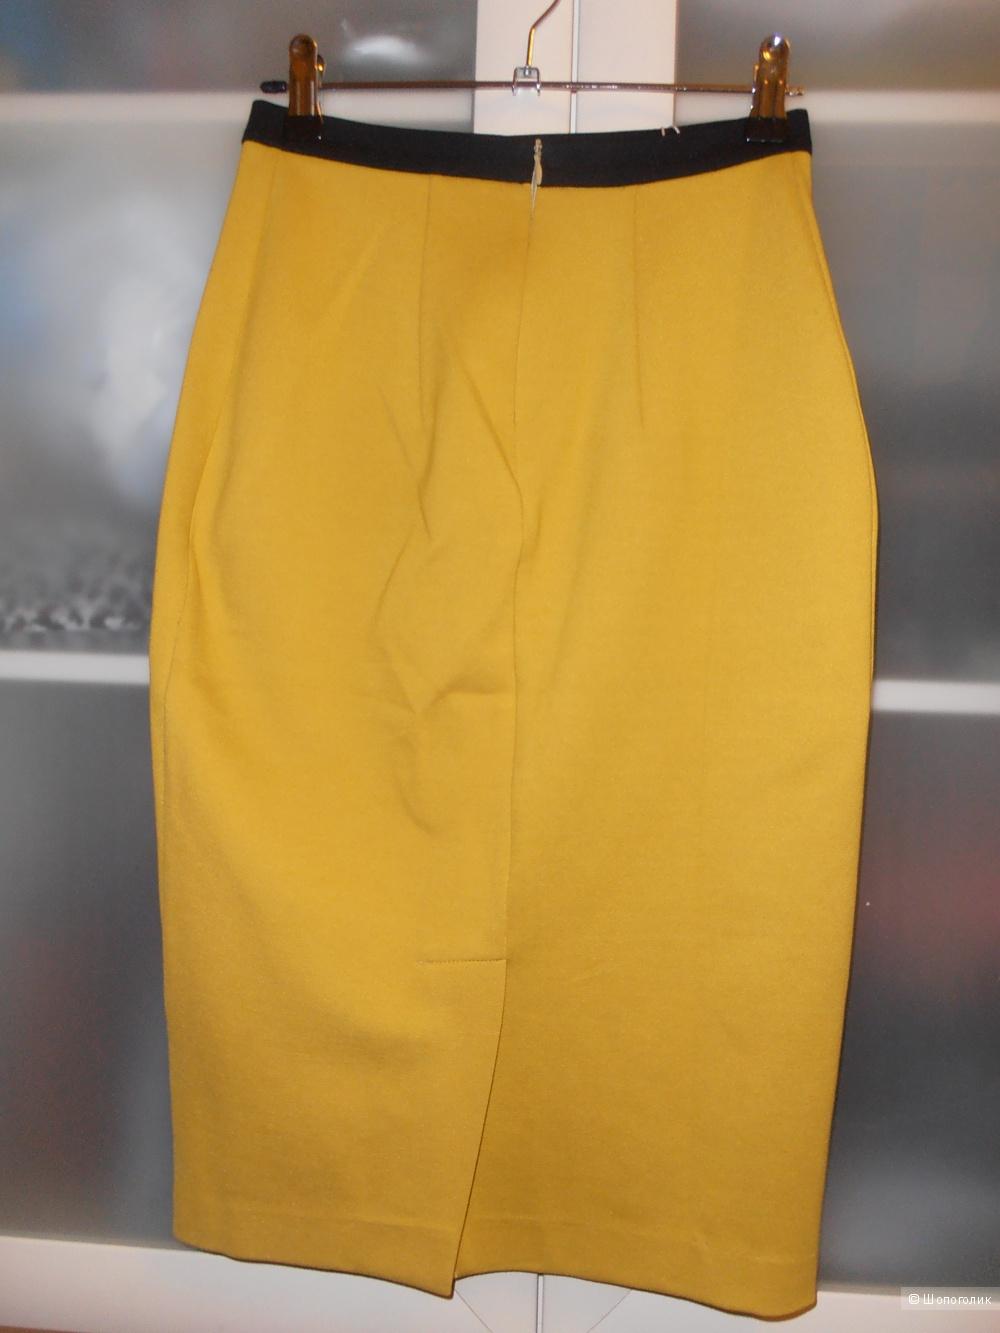 Пристрою новую дизайнерскую юбку-карандаш из коллекции Джемала Махмудова (MD).